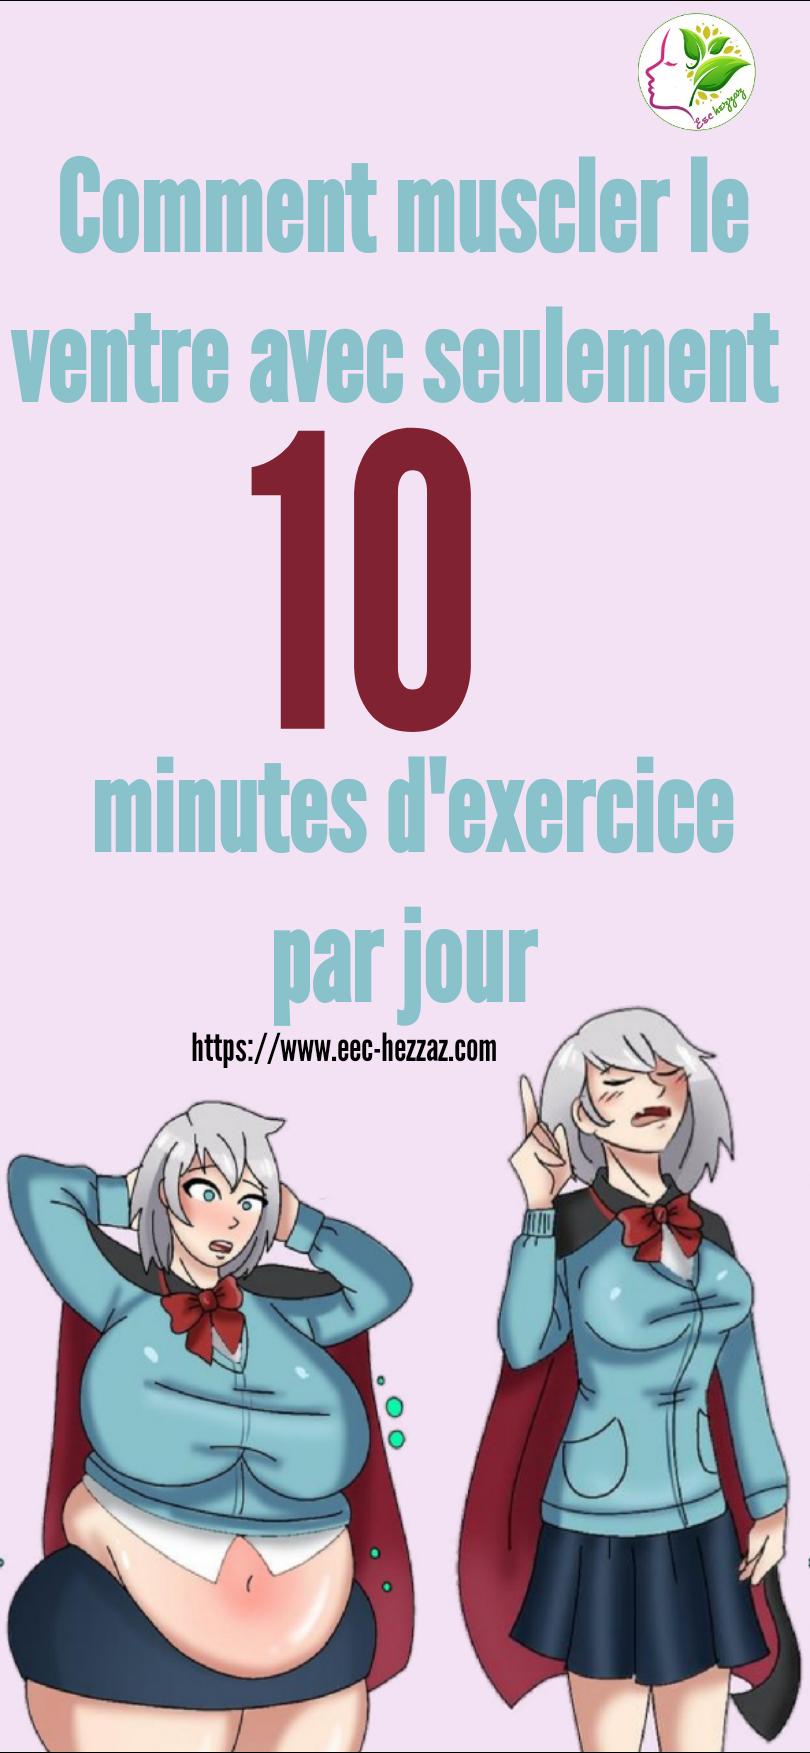 Comment muscler le ventre avec seulement 10 minutes d'exercice par jour